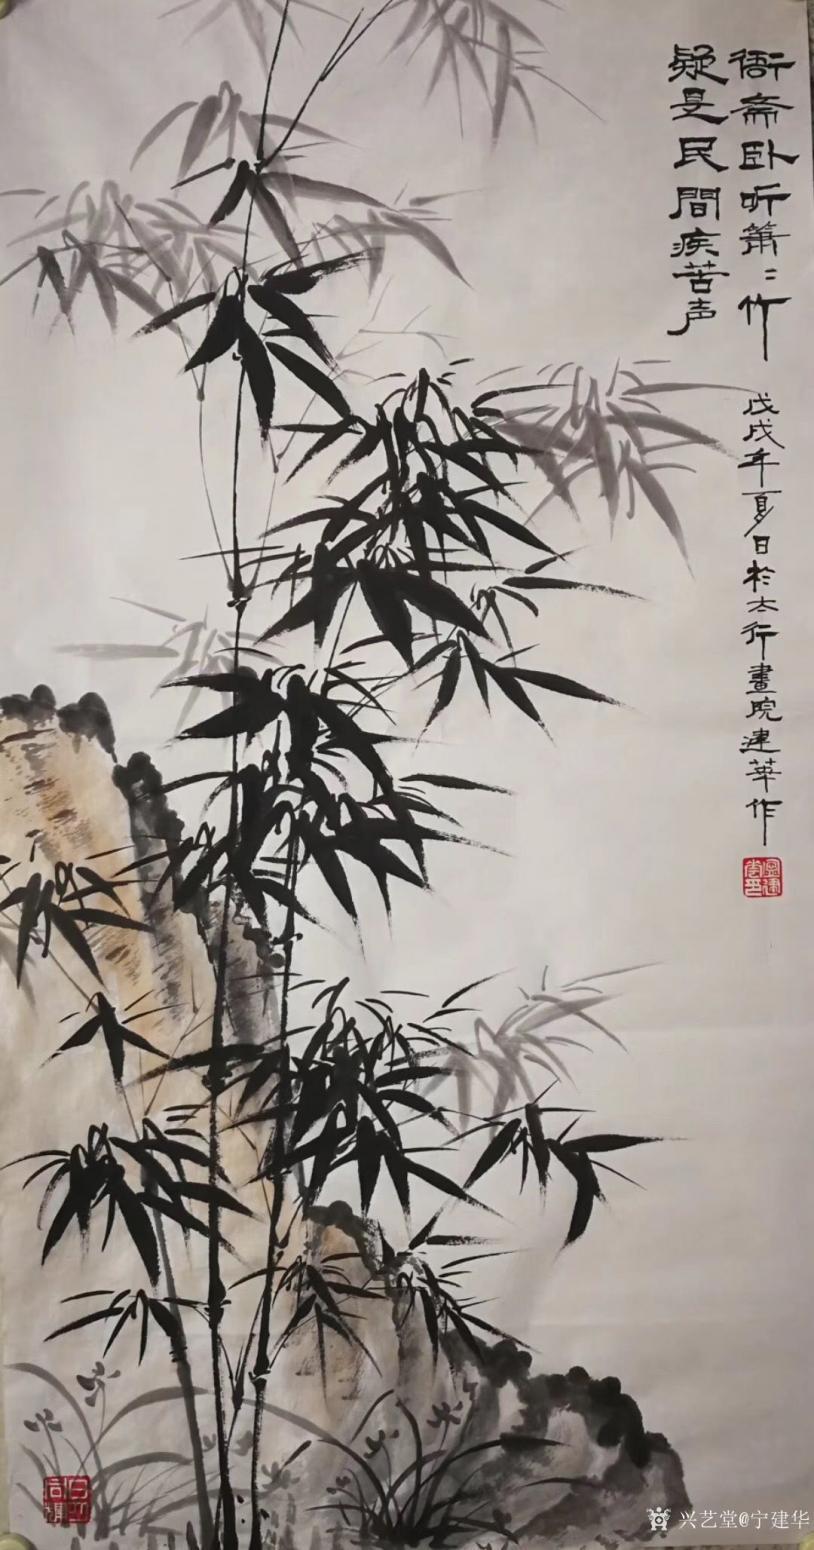 宁建华国画作品《墨竹》